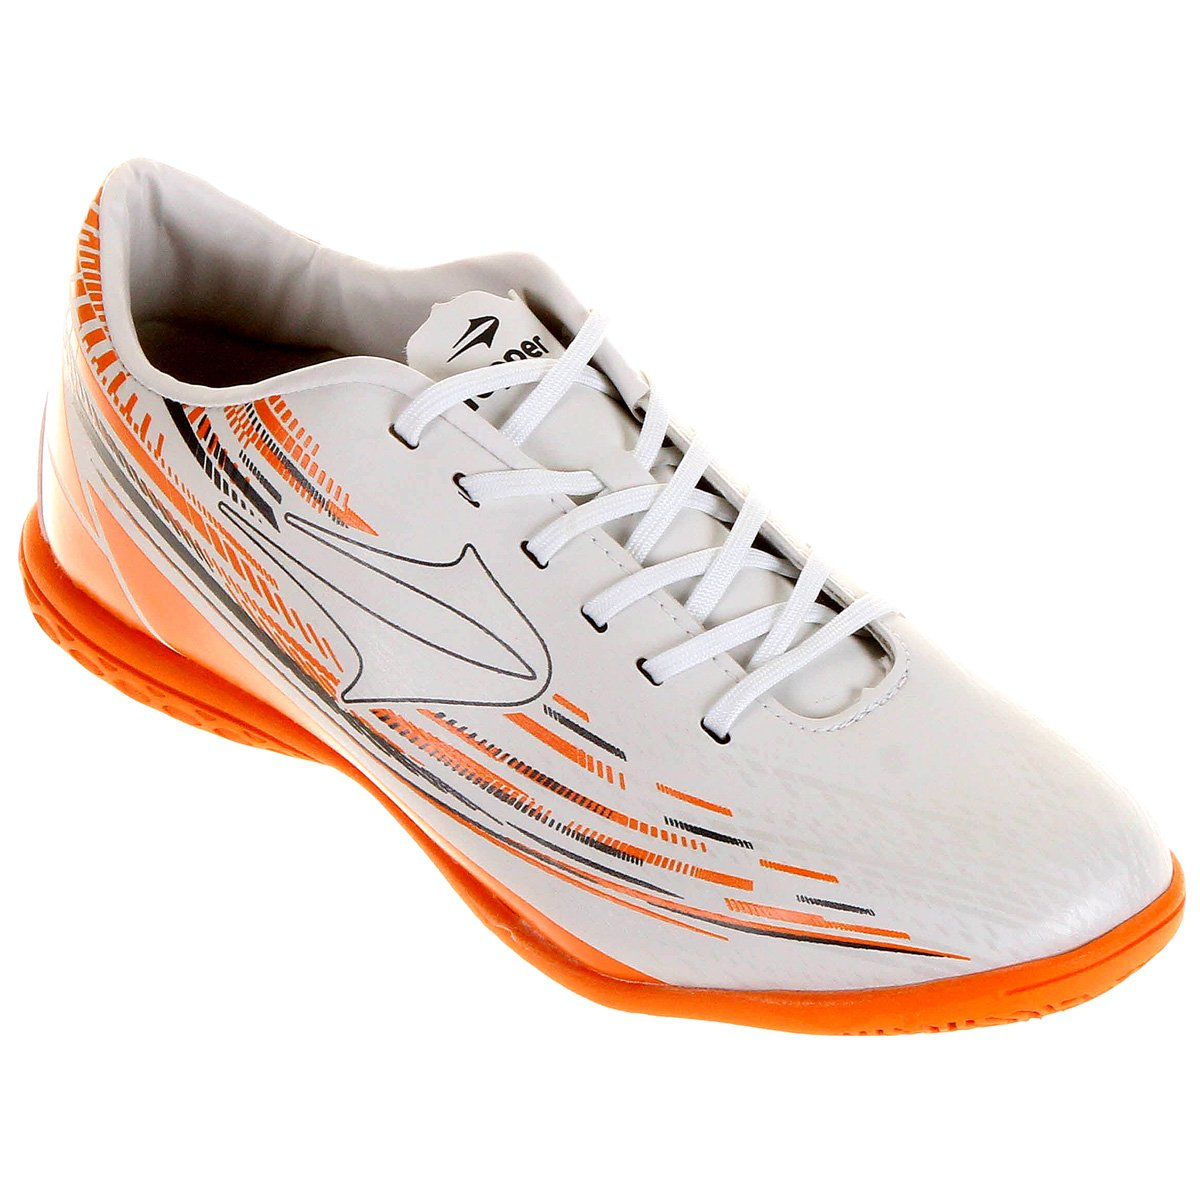 08e8862547 Chuteira Futsal Topper Vector Cup - Compre Agora